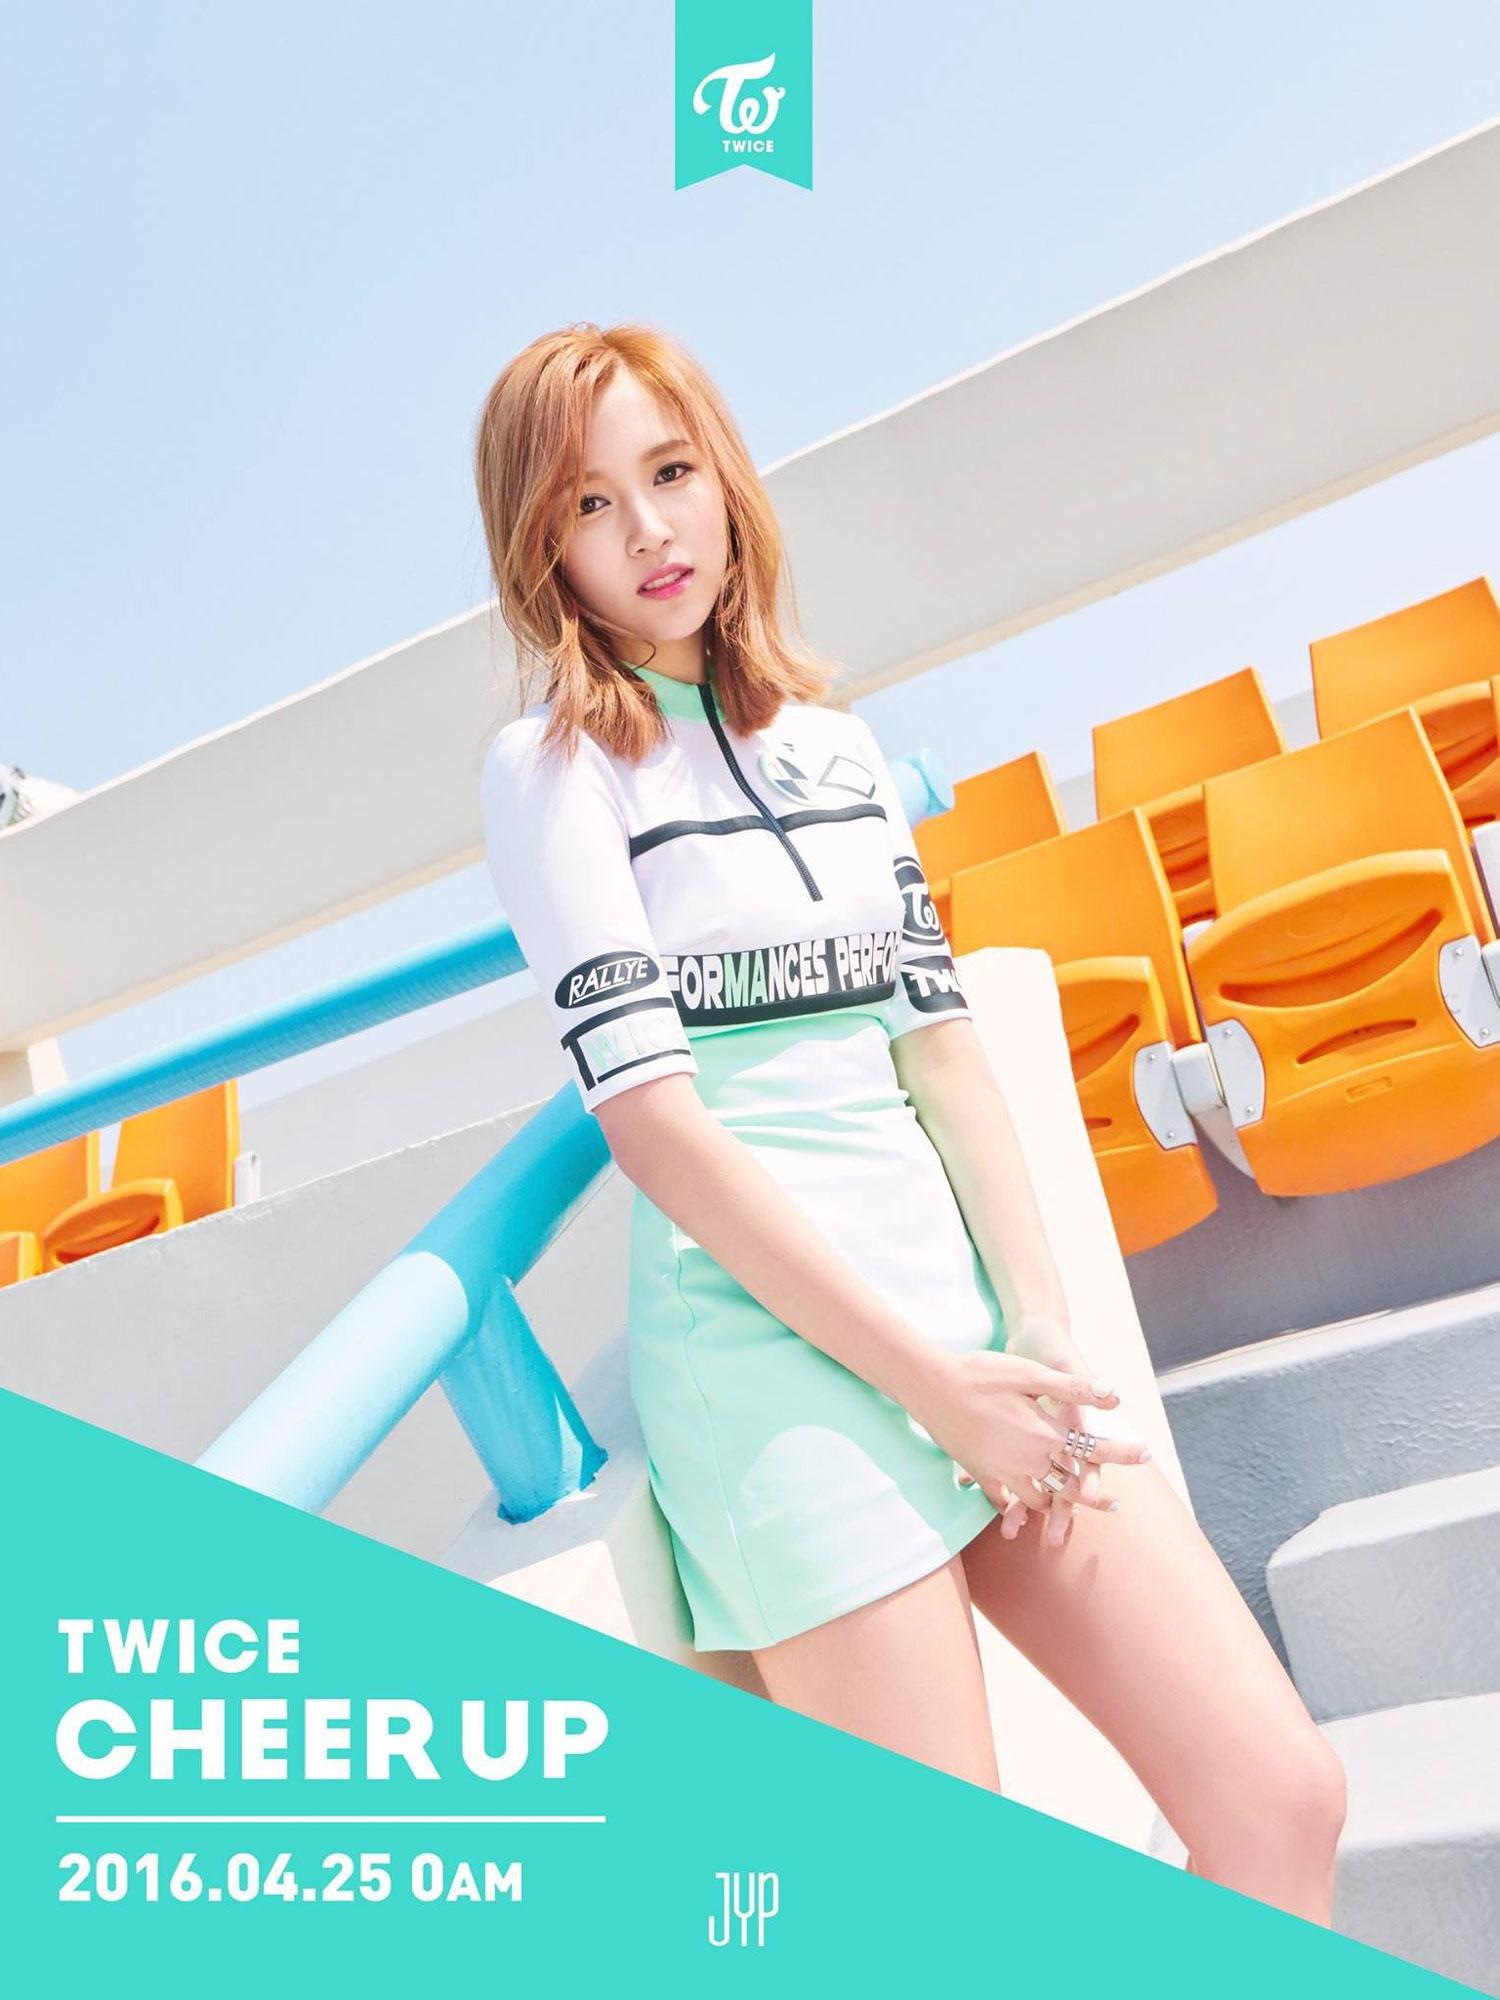 TWICE Mina Cheer Up album concept photo